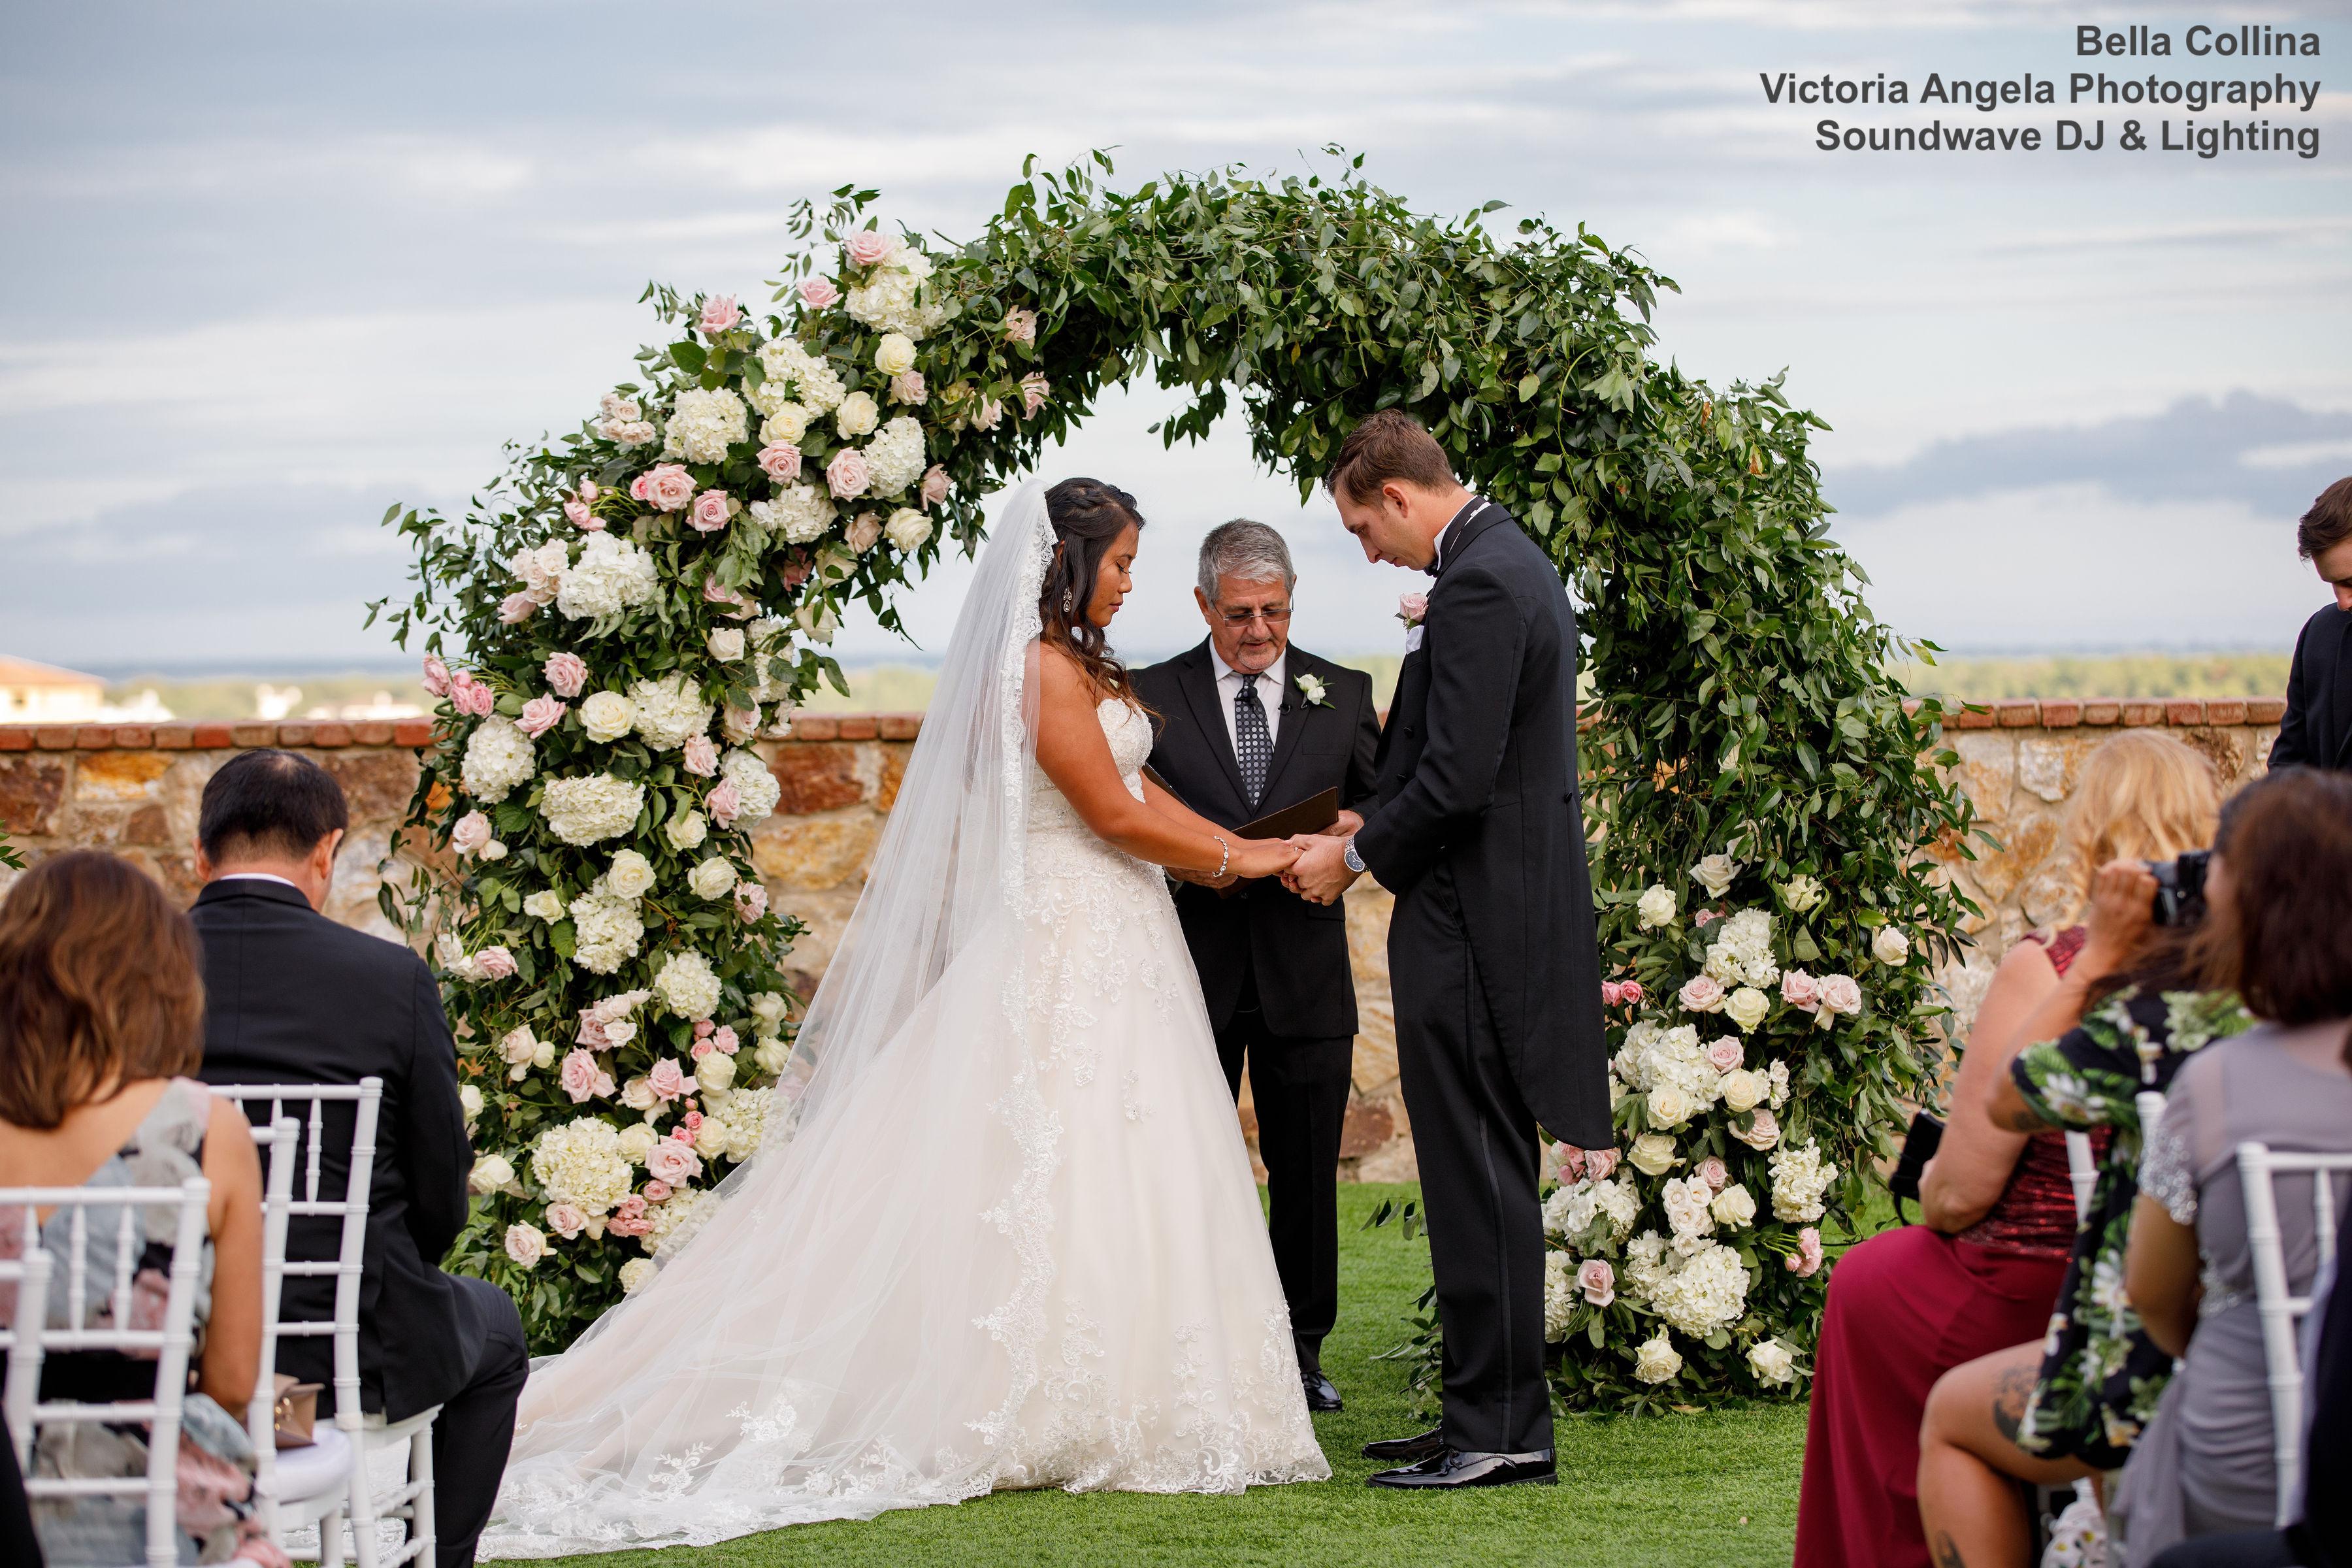 bella collina - orlando wedding venue - orlando wedding dj - soundwave entertainment